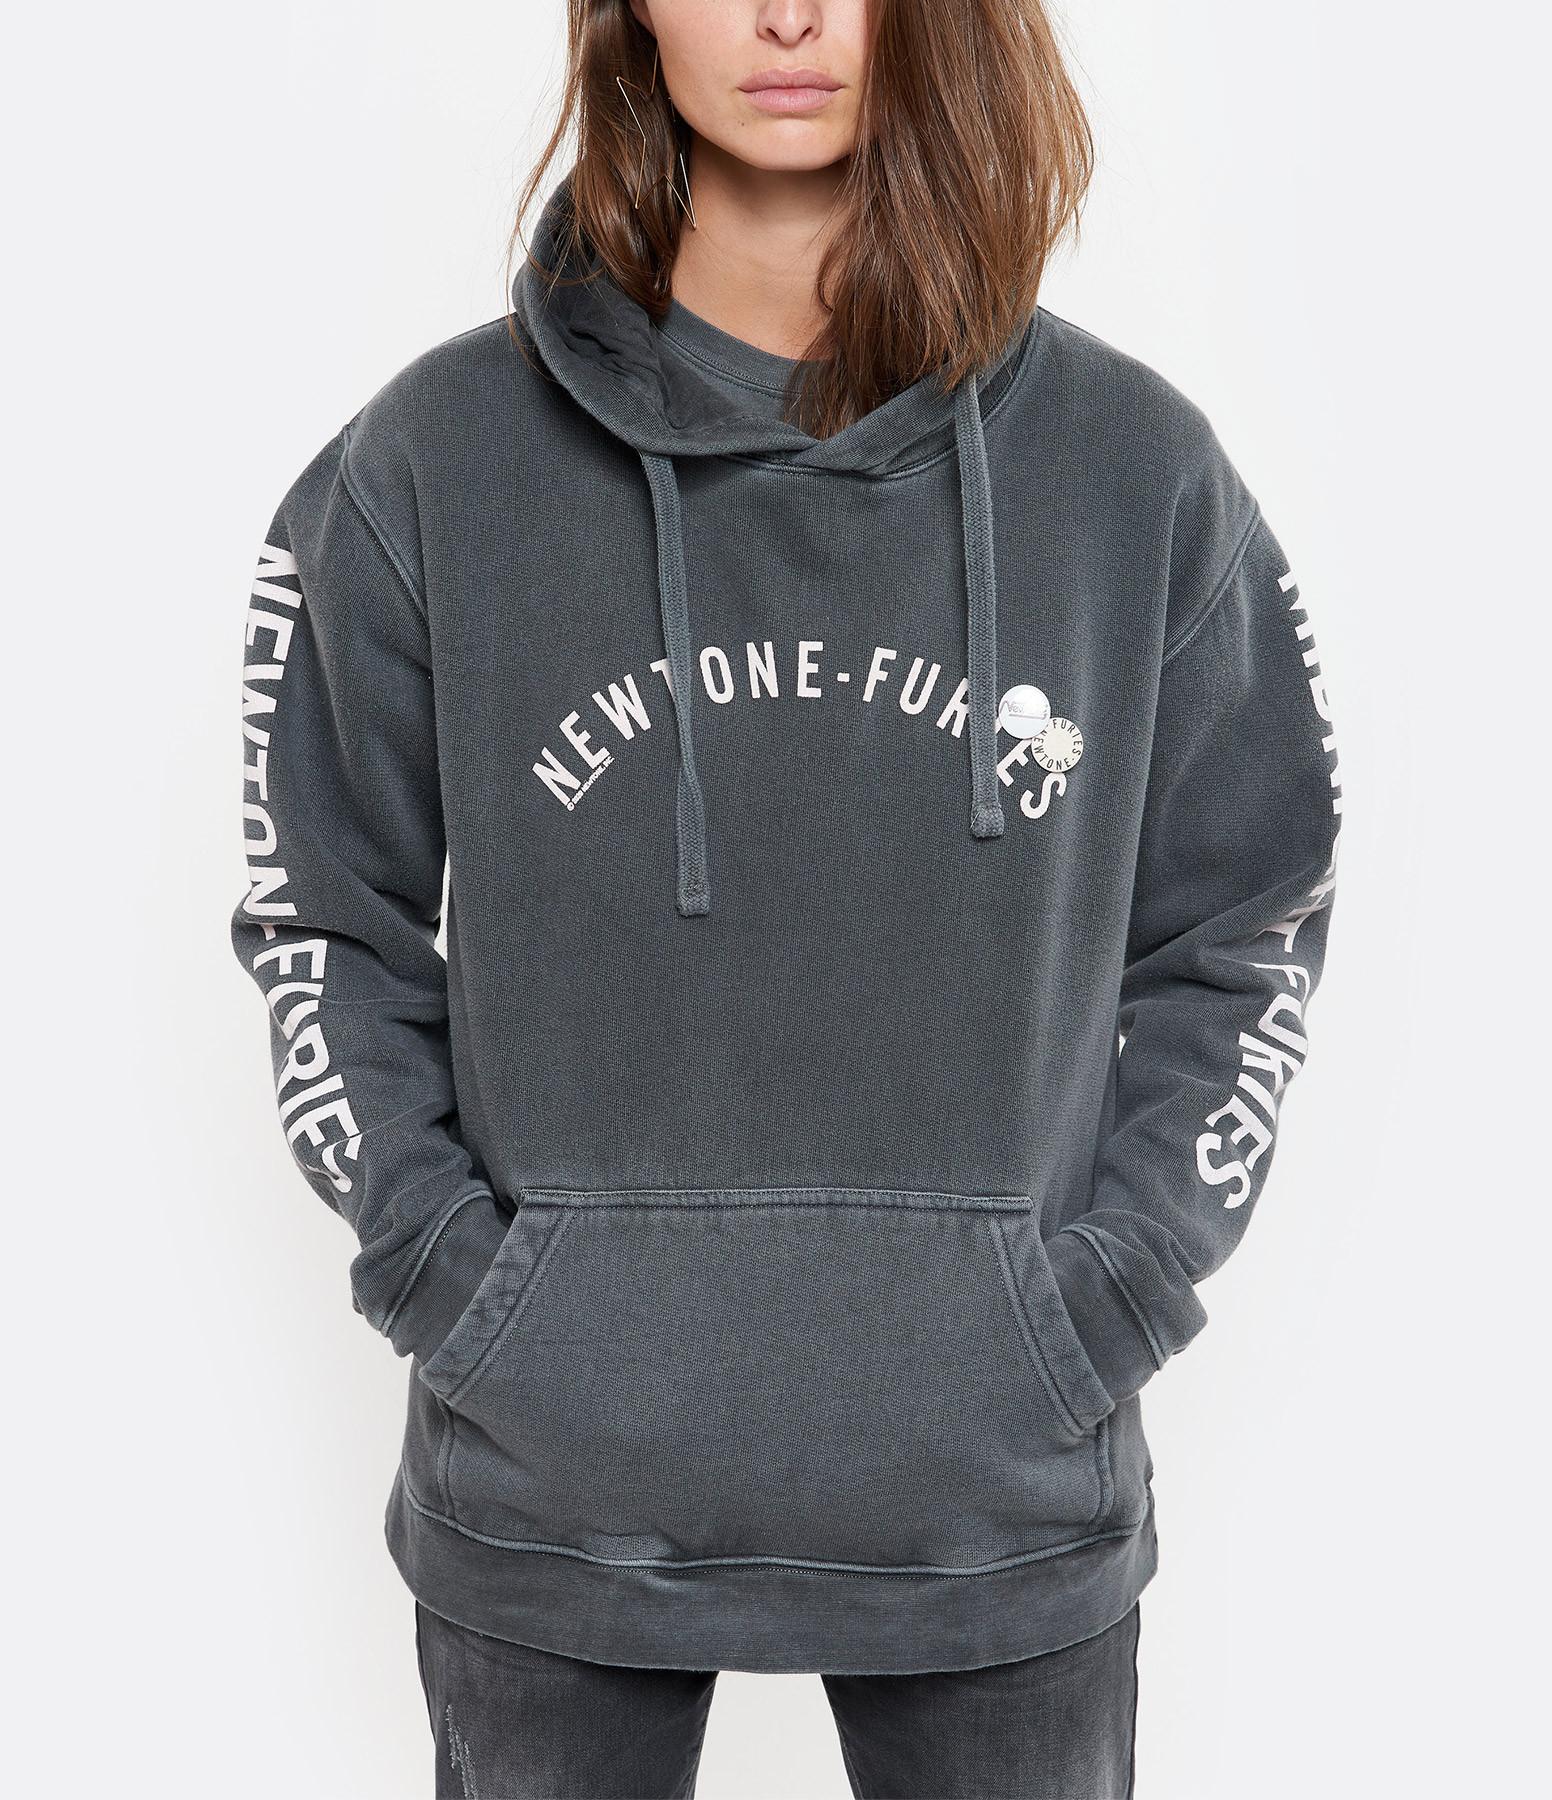 NEWTONE - Sweatshirt Hoody Furies Coton Pepper